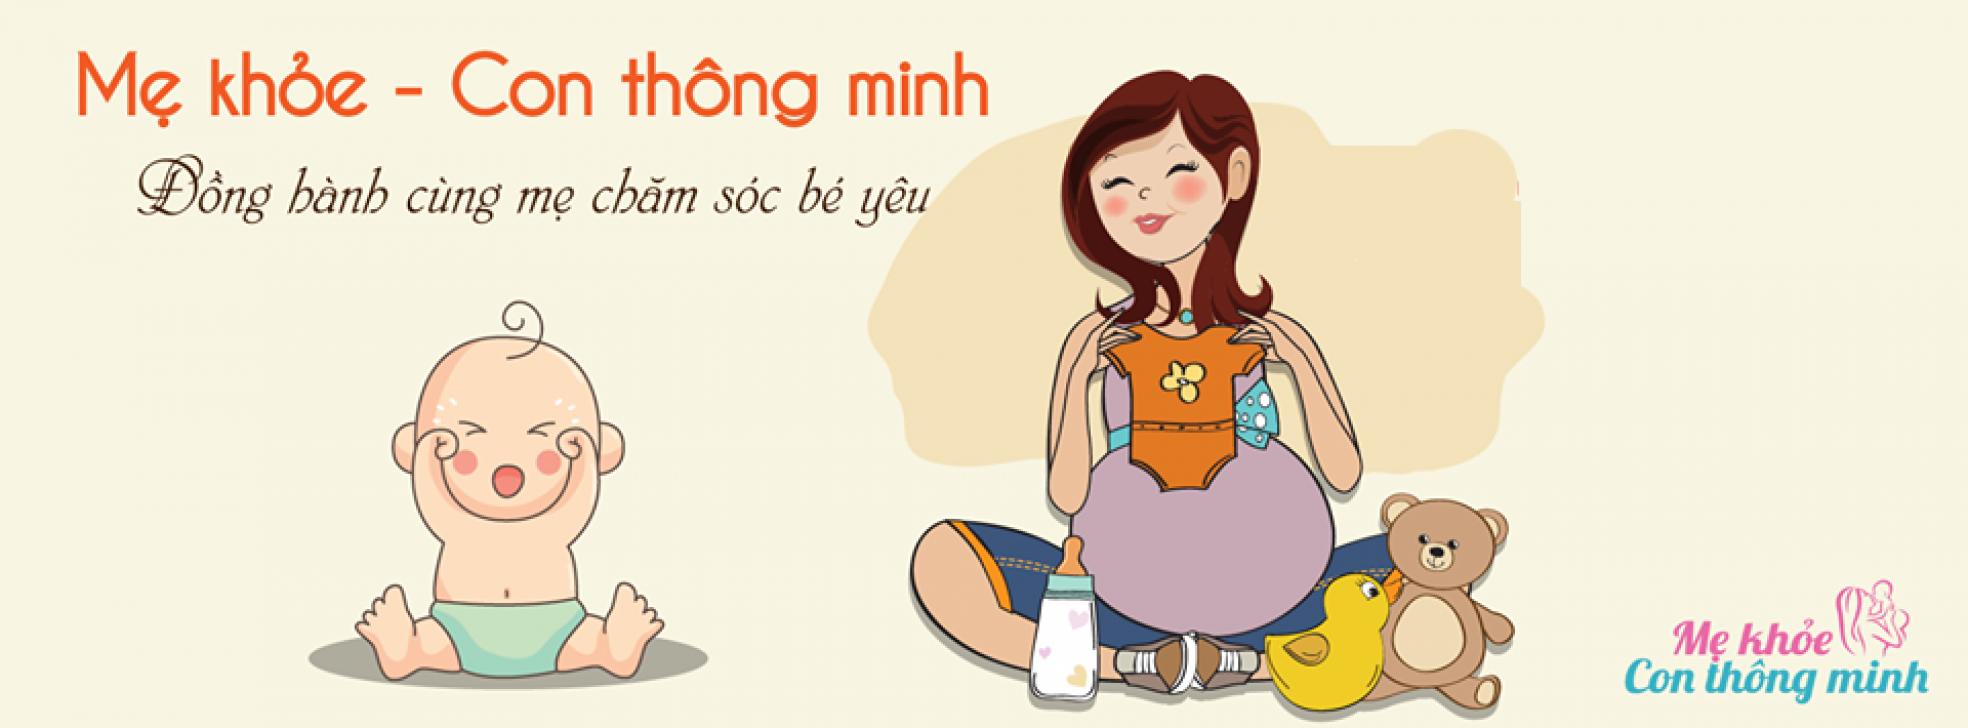 THÔNG TIN GIỚI THIỆU MẸ KHỎE CON THÔNG MINH